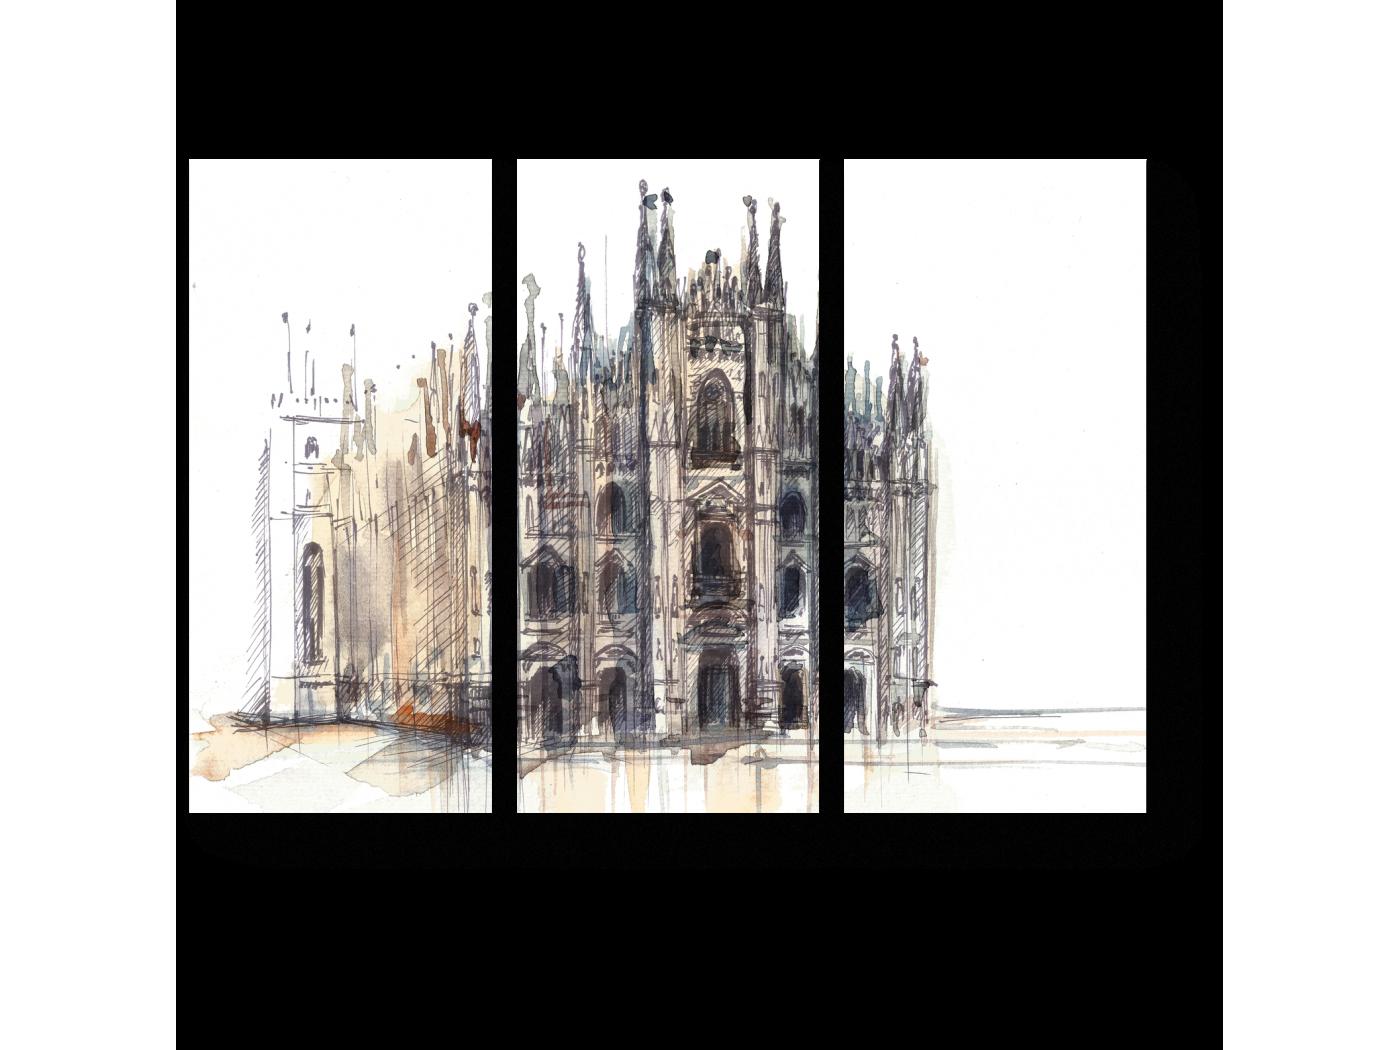 Модульная картина Миланский собор в акварели (60x43) фото